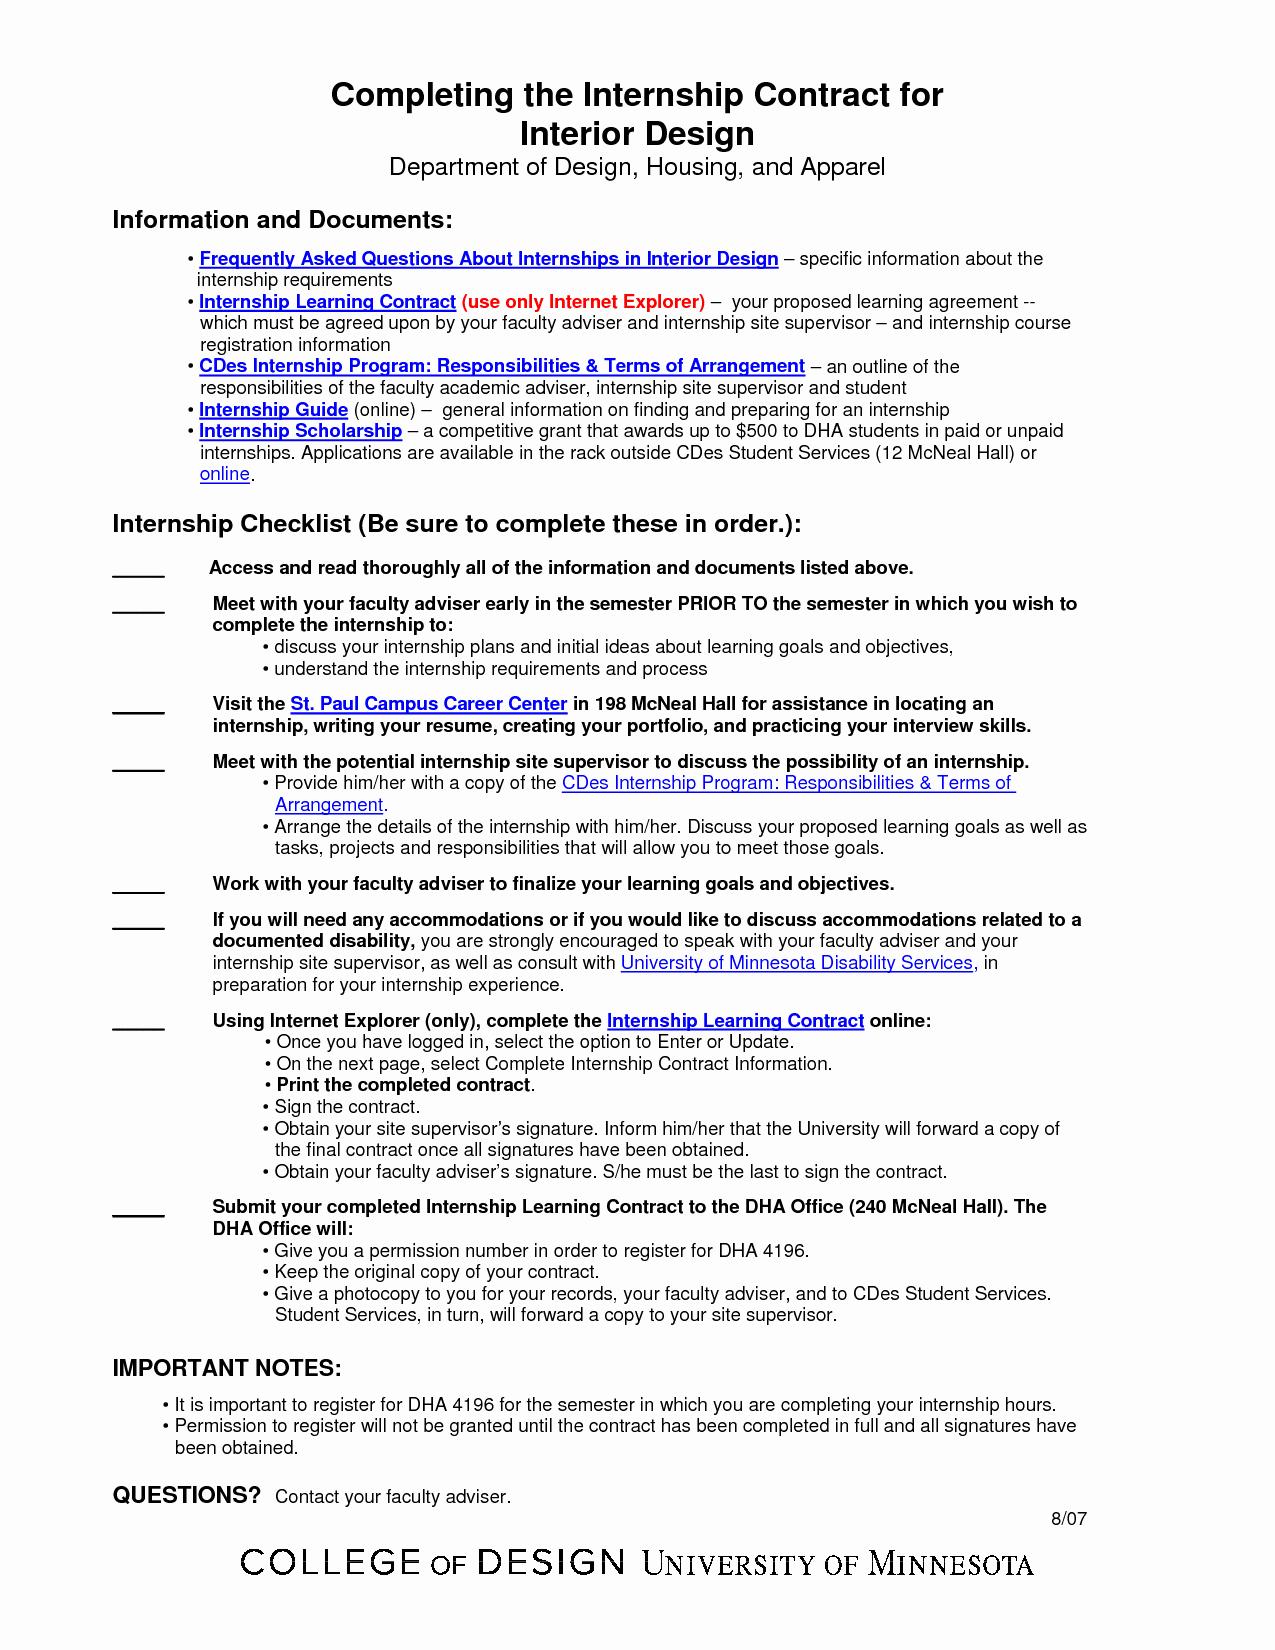 Interior Design Contract Template Unique Interior Design Contract Template